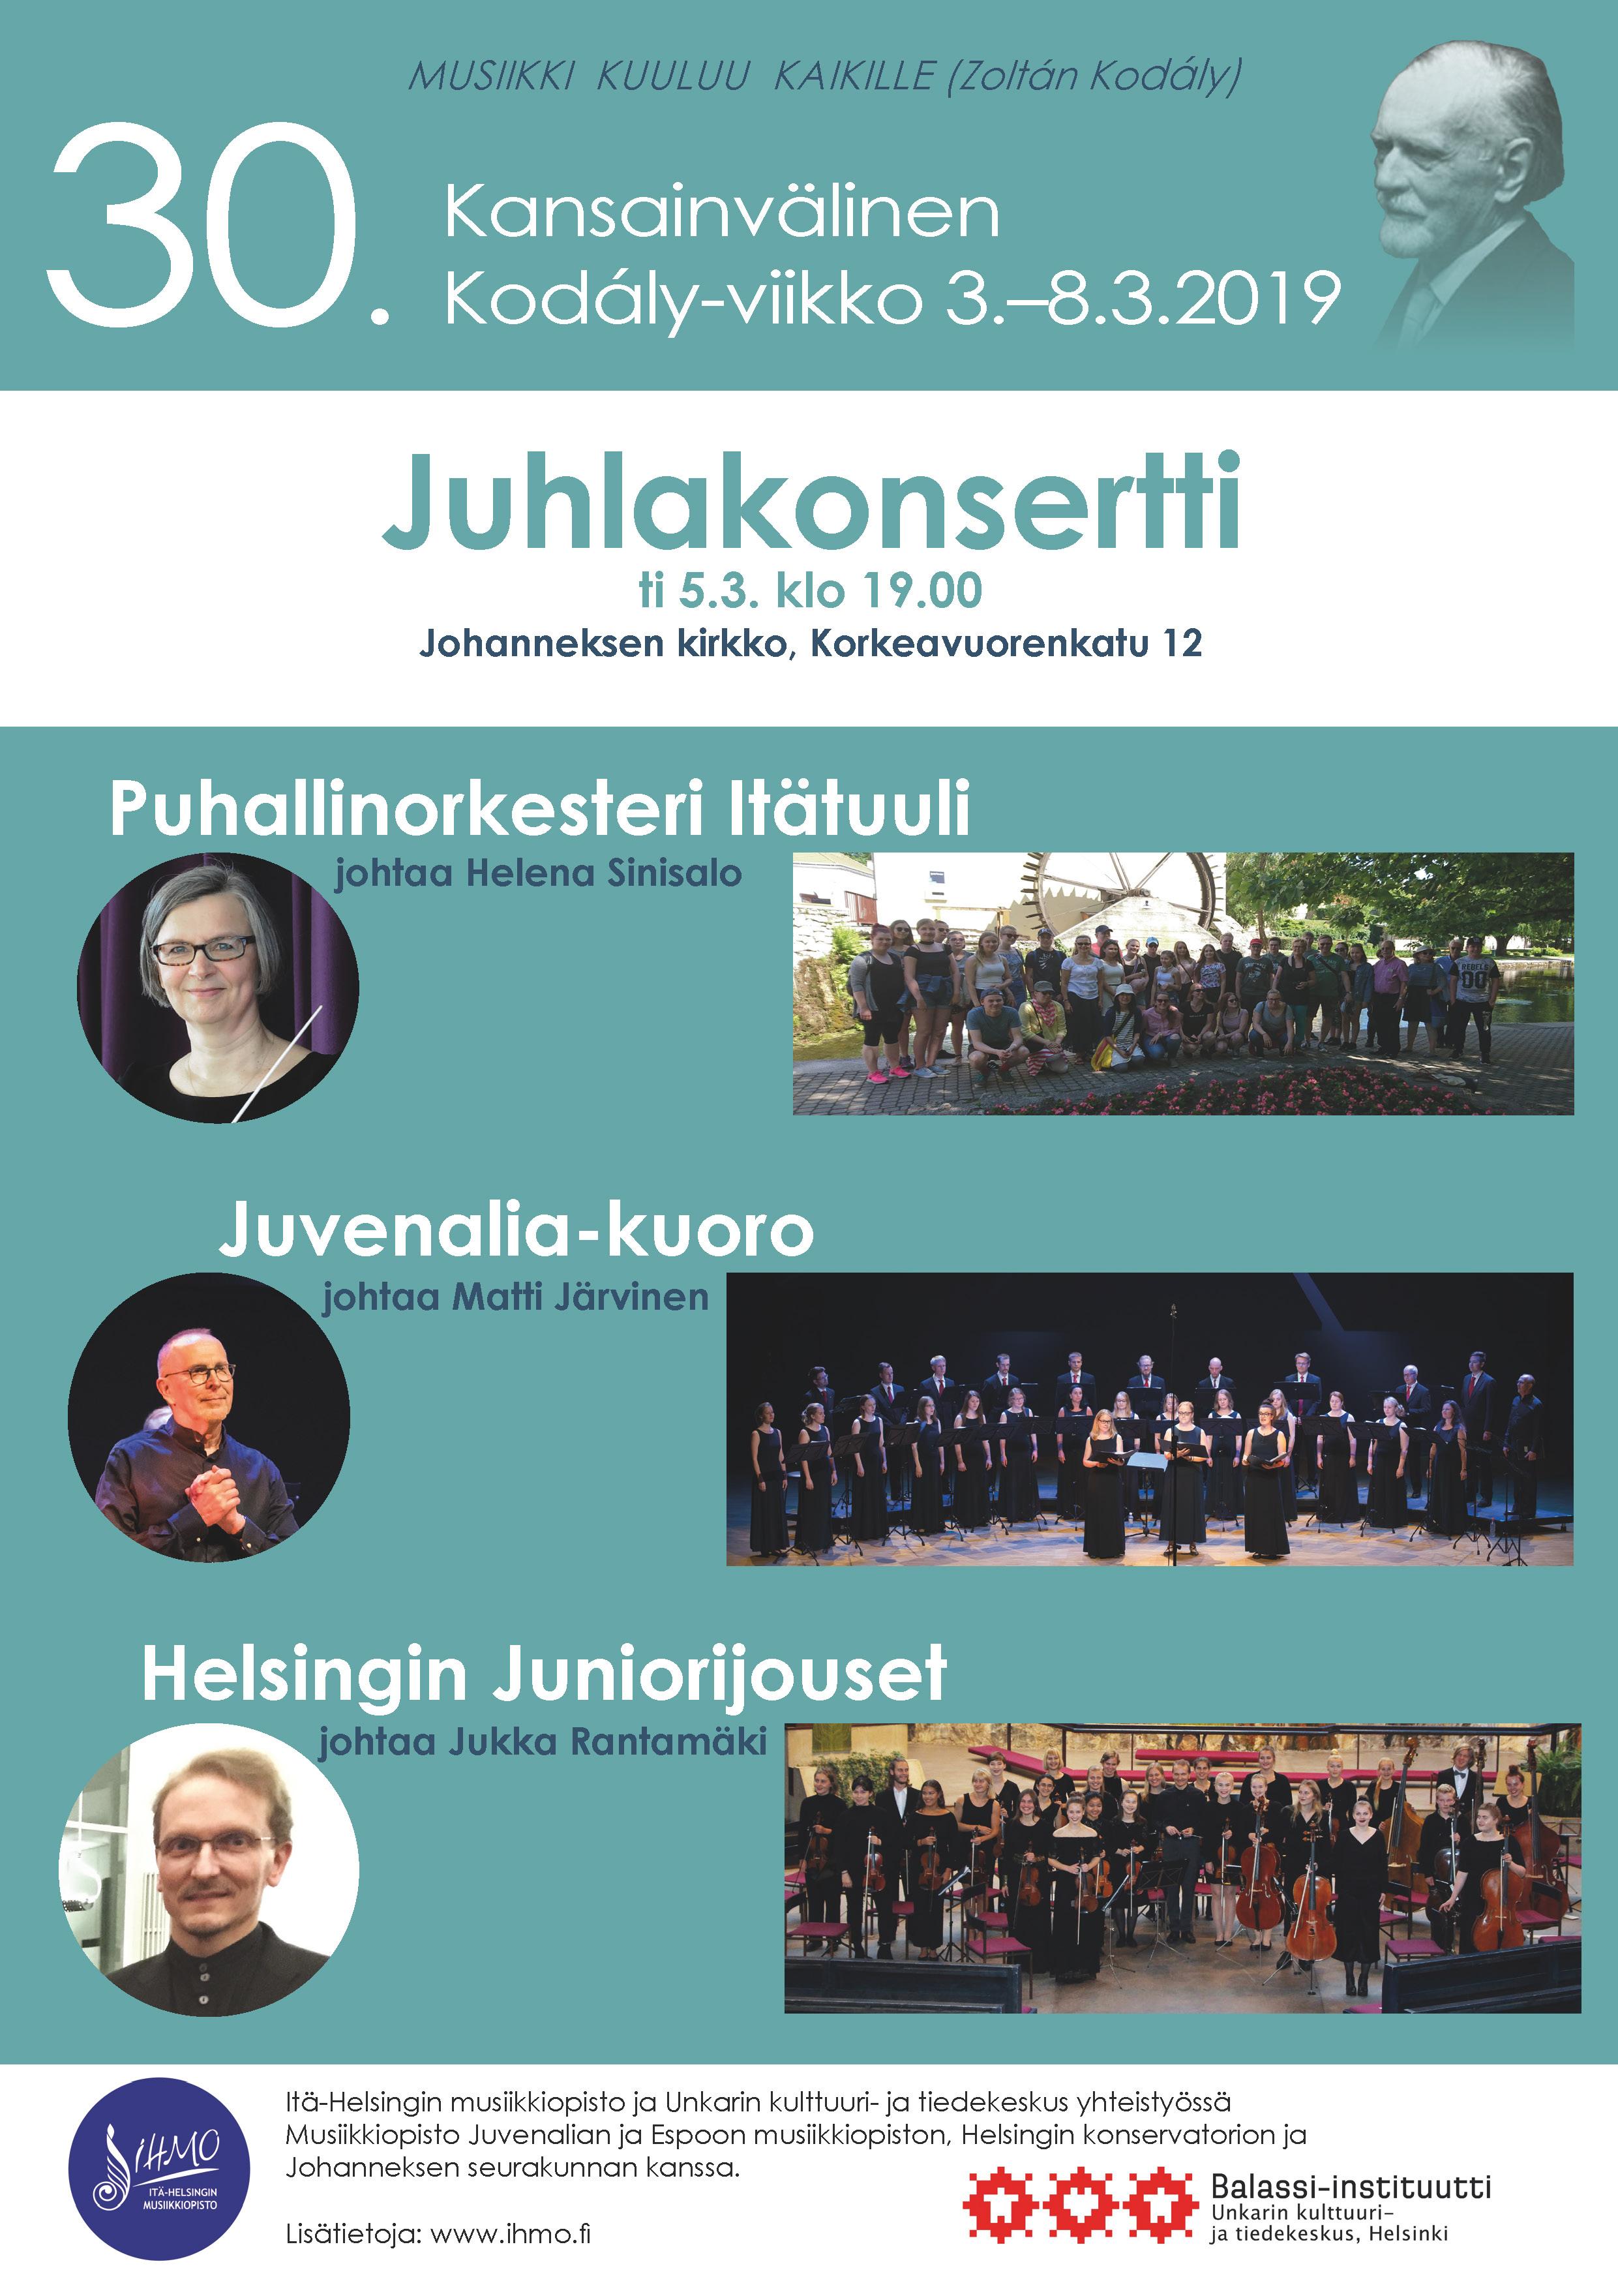 2003385926-Kodaly_0503_2019_Juhlakonsertti.jpg